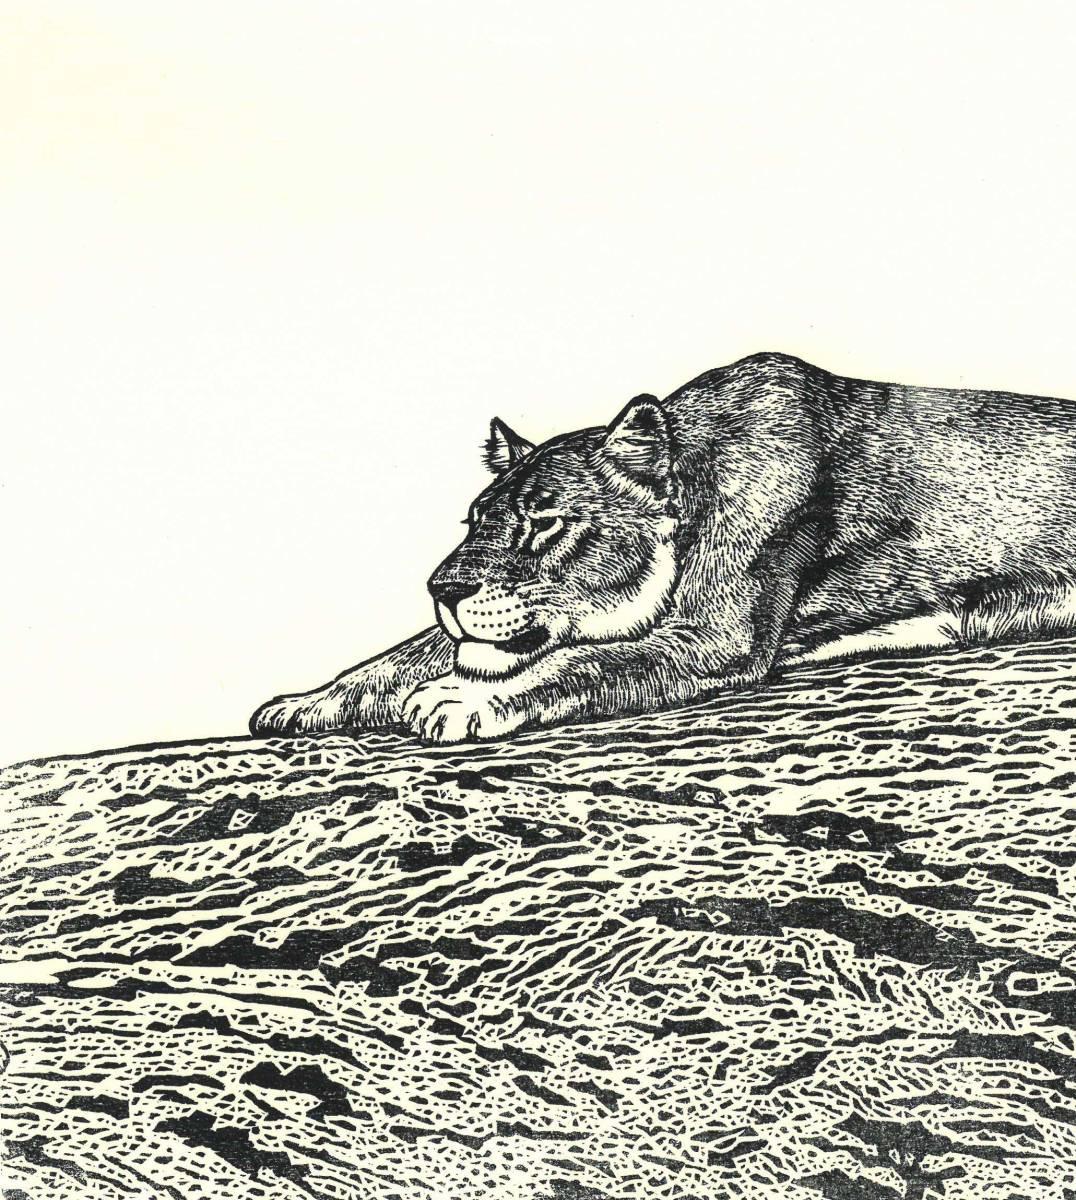 吉田遠志 (Yoshida Toshi) 木版画  ライオン#2 (Lion2)  最高峰の摺師の技をご堪能下さい!!  希少作品 残数枚のみ!!_画像6